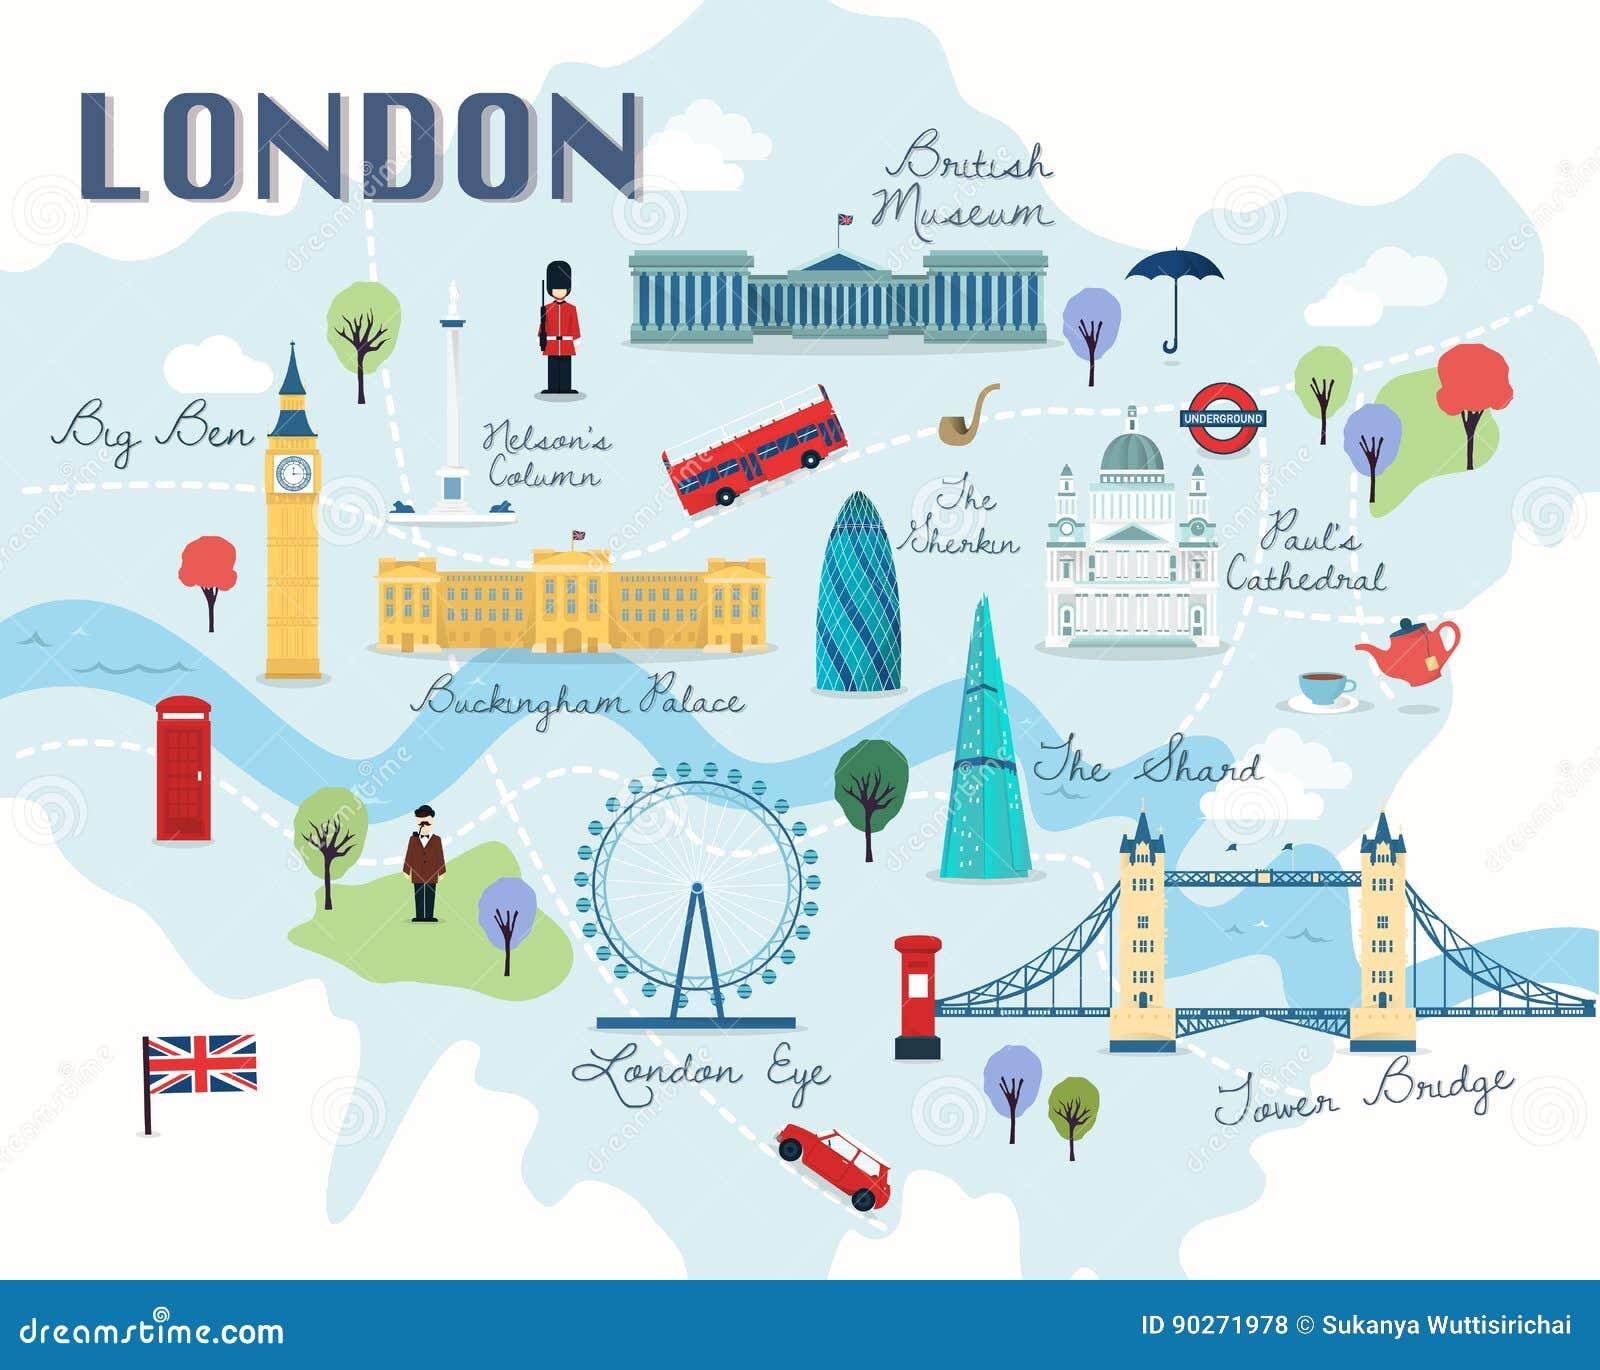 Cartina Di Londra Con Monumenti.Mappa Del Vettore E Dell Illustrazione Delle Attrazioni Di Londra Illustrazione Di Stock Illustrazione Di Londra Isolato 90271978